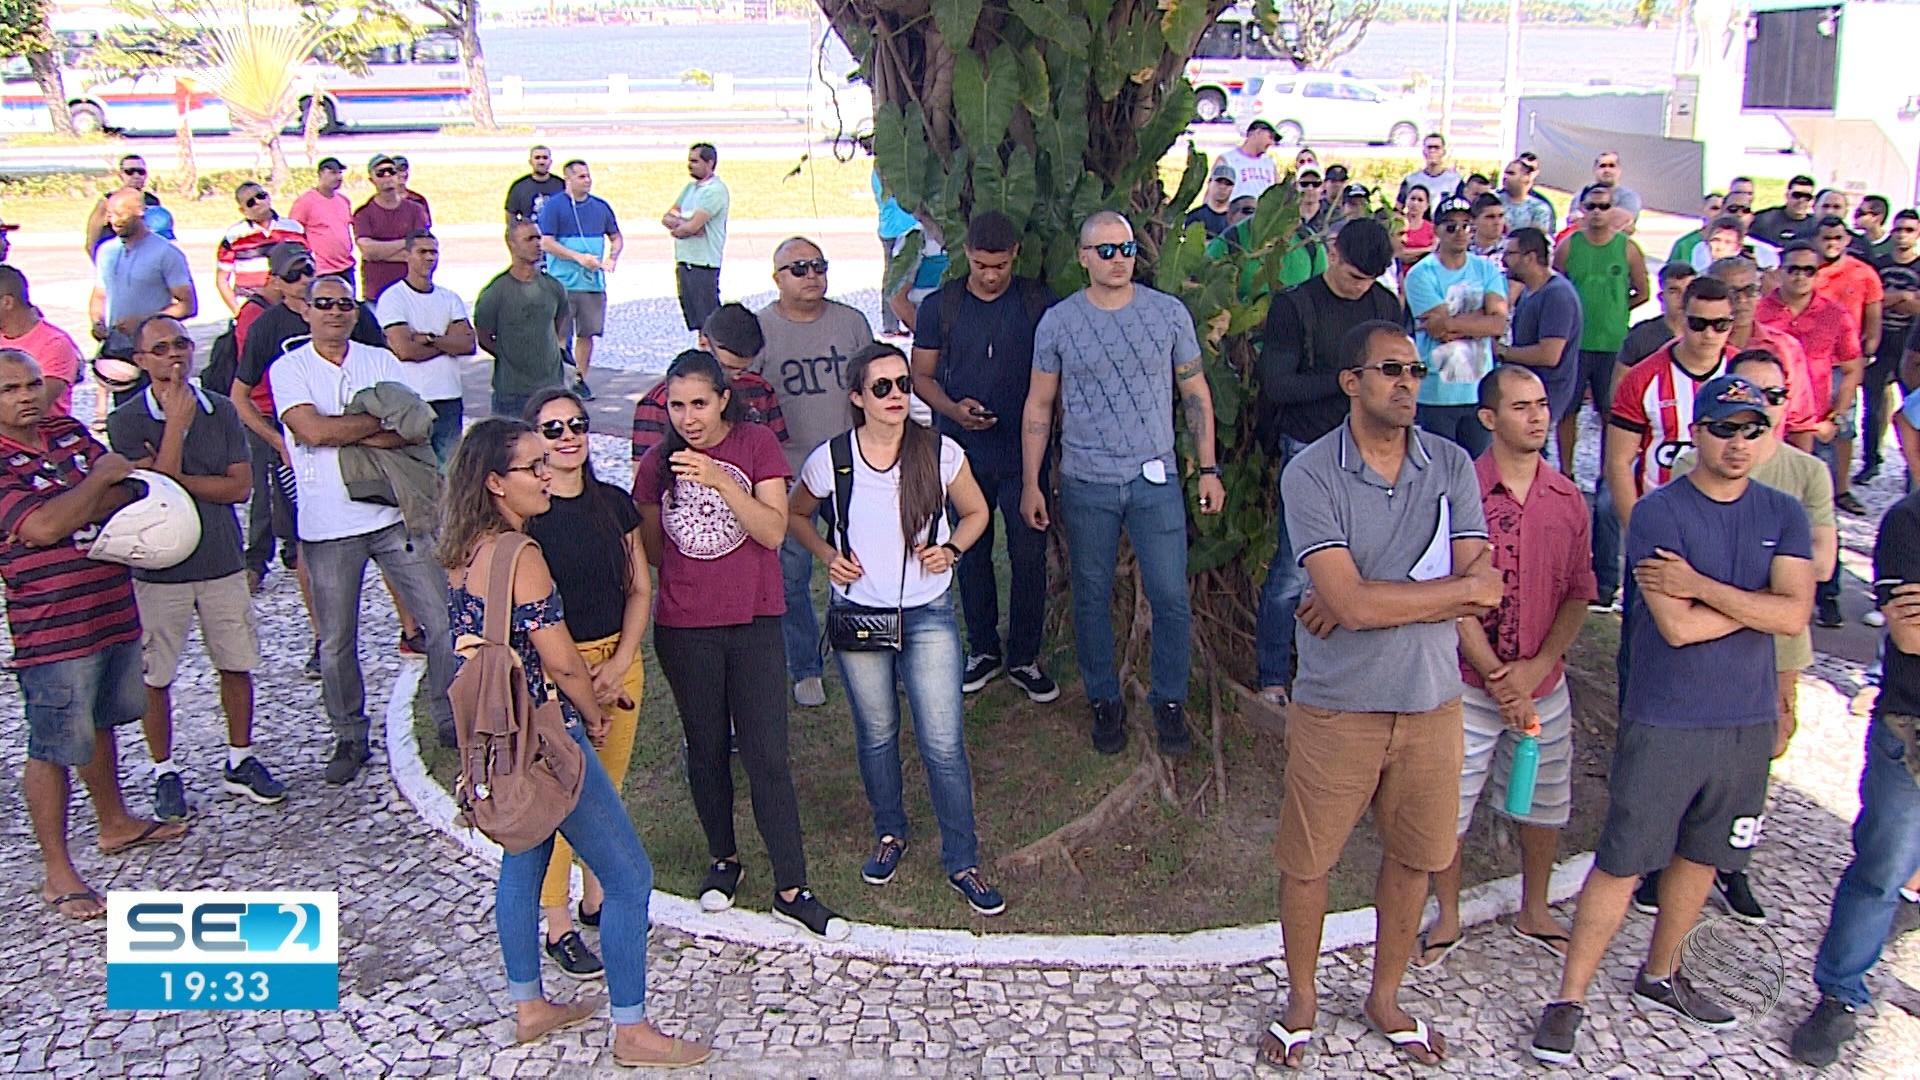 Resun volta a funcionar nesta segunda-feira após empresa anterior rescindir contrato - Notícias - Plantão Diário